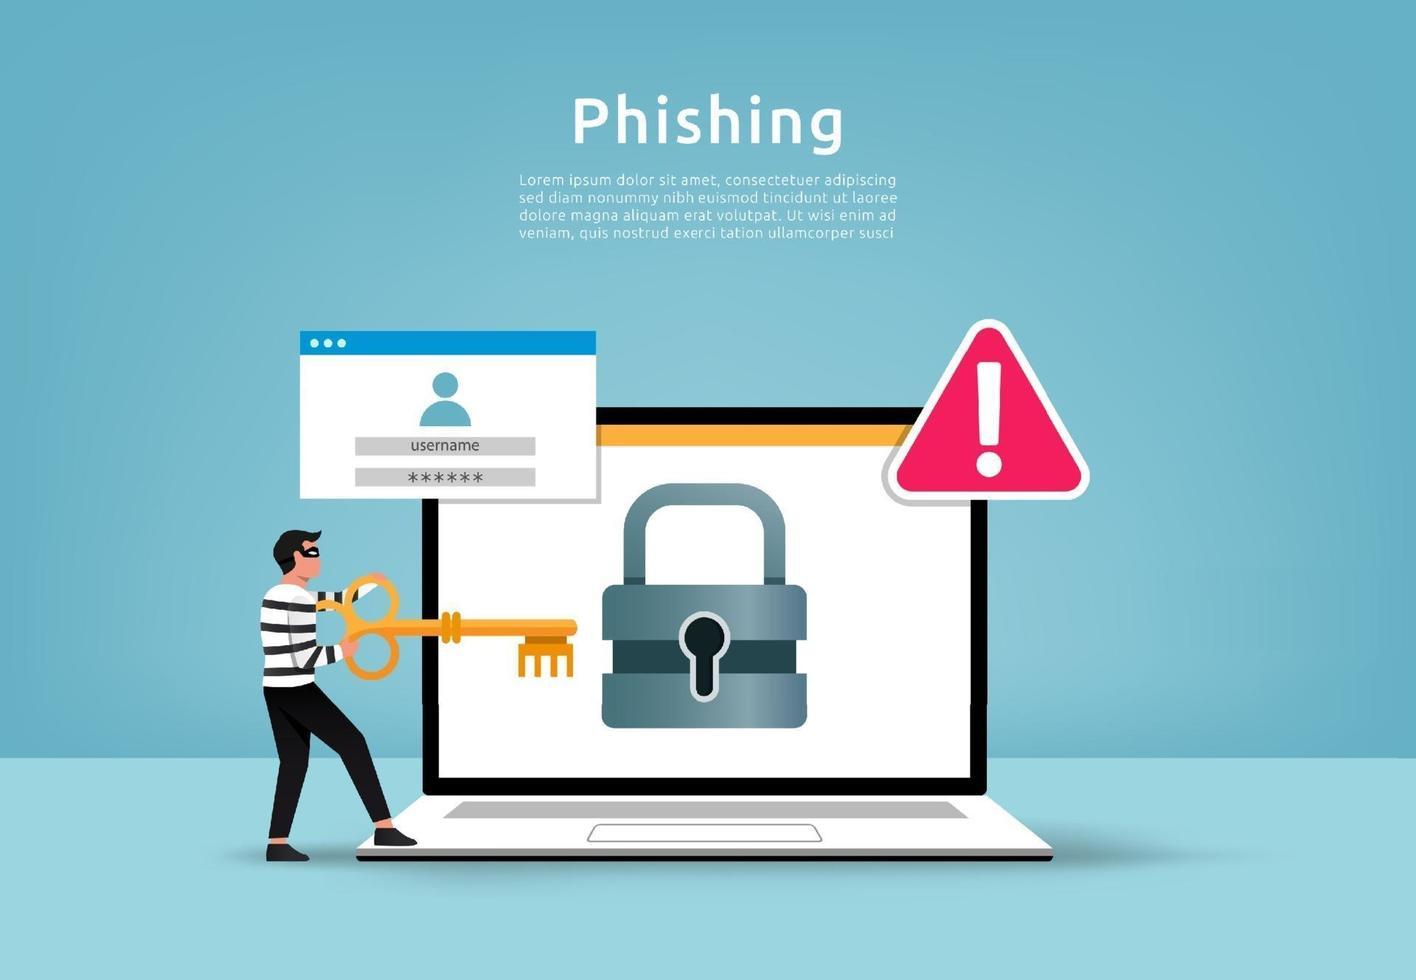 Hacker stiehlt digitales Datenkonzept. Phishing-Konto mit Warnzeichen Vektor-Illustration. vektor